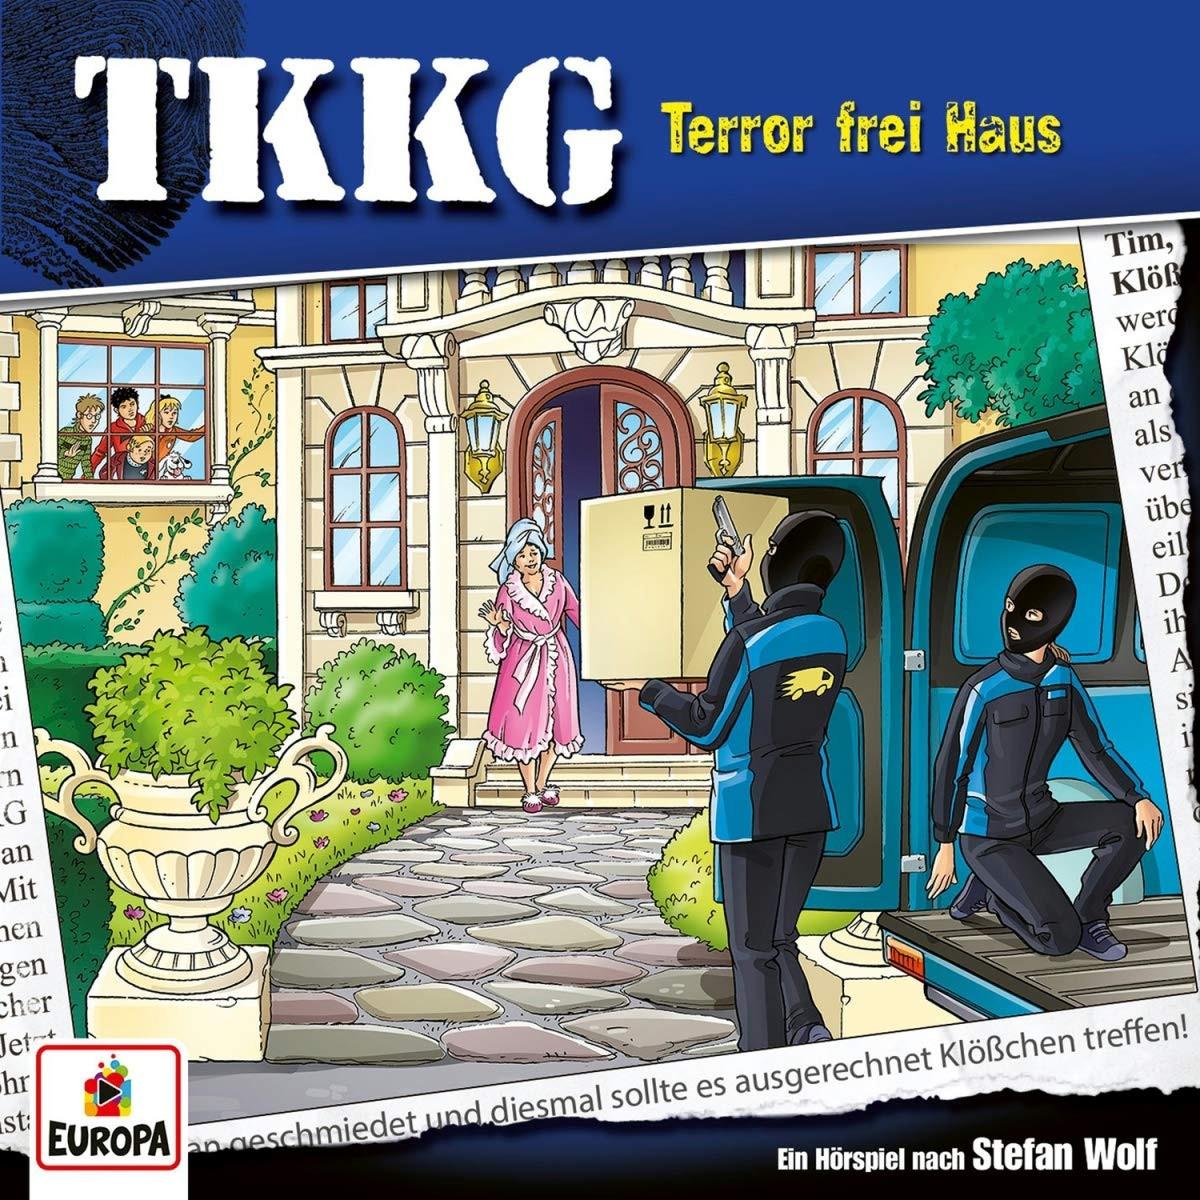 TKKG - Folge 219: Terror frei Haus